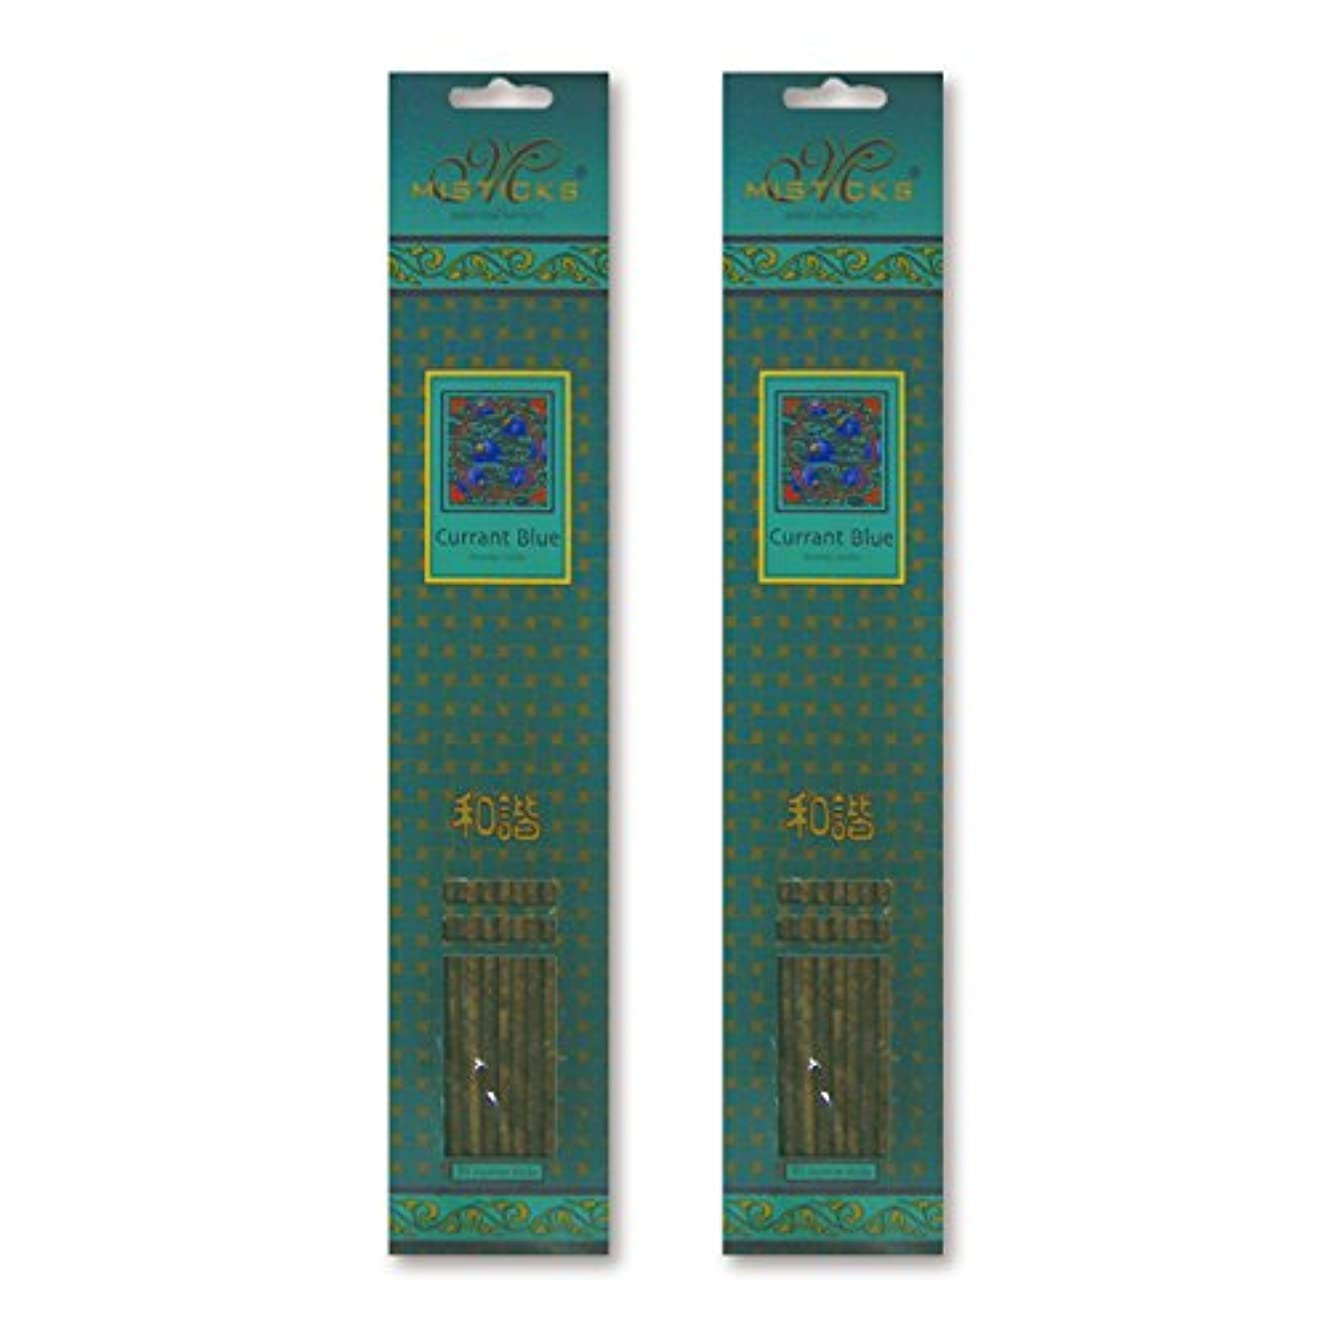 フィット地平線湿度MISTICKS ミスティックス Currant Blue カラントブルー お香 20本 X 2パック (40本)